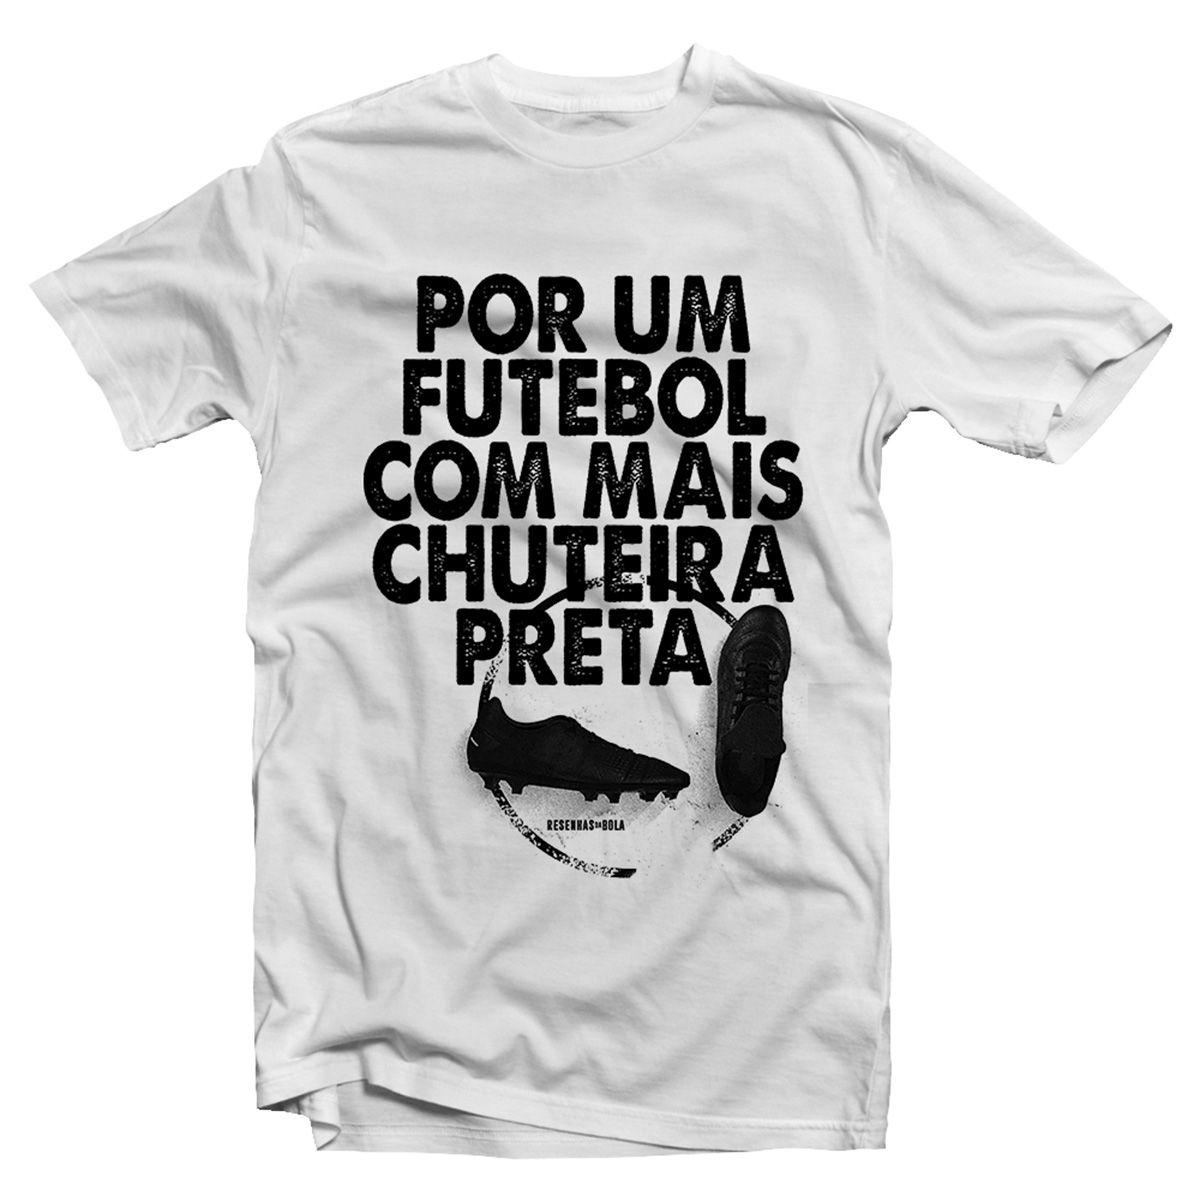 Camiseta - POR UM FUTEBOL COM MAIS CHUTEIRA PRETA. Masculino